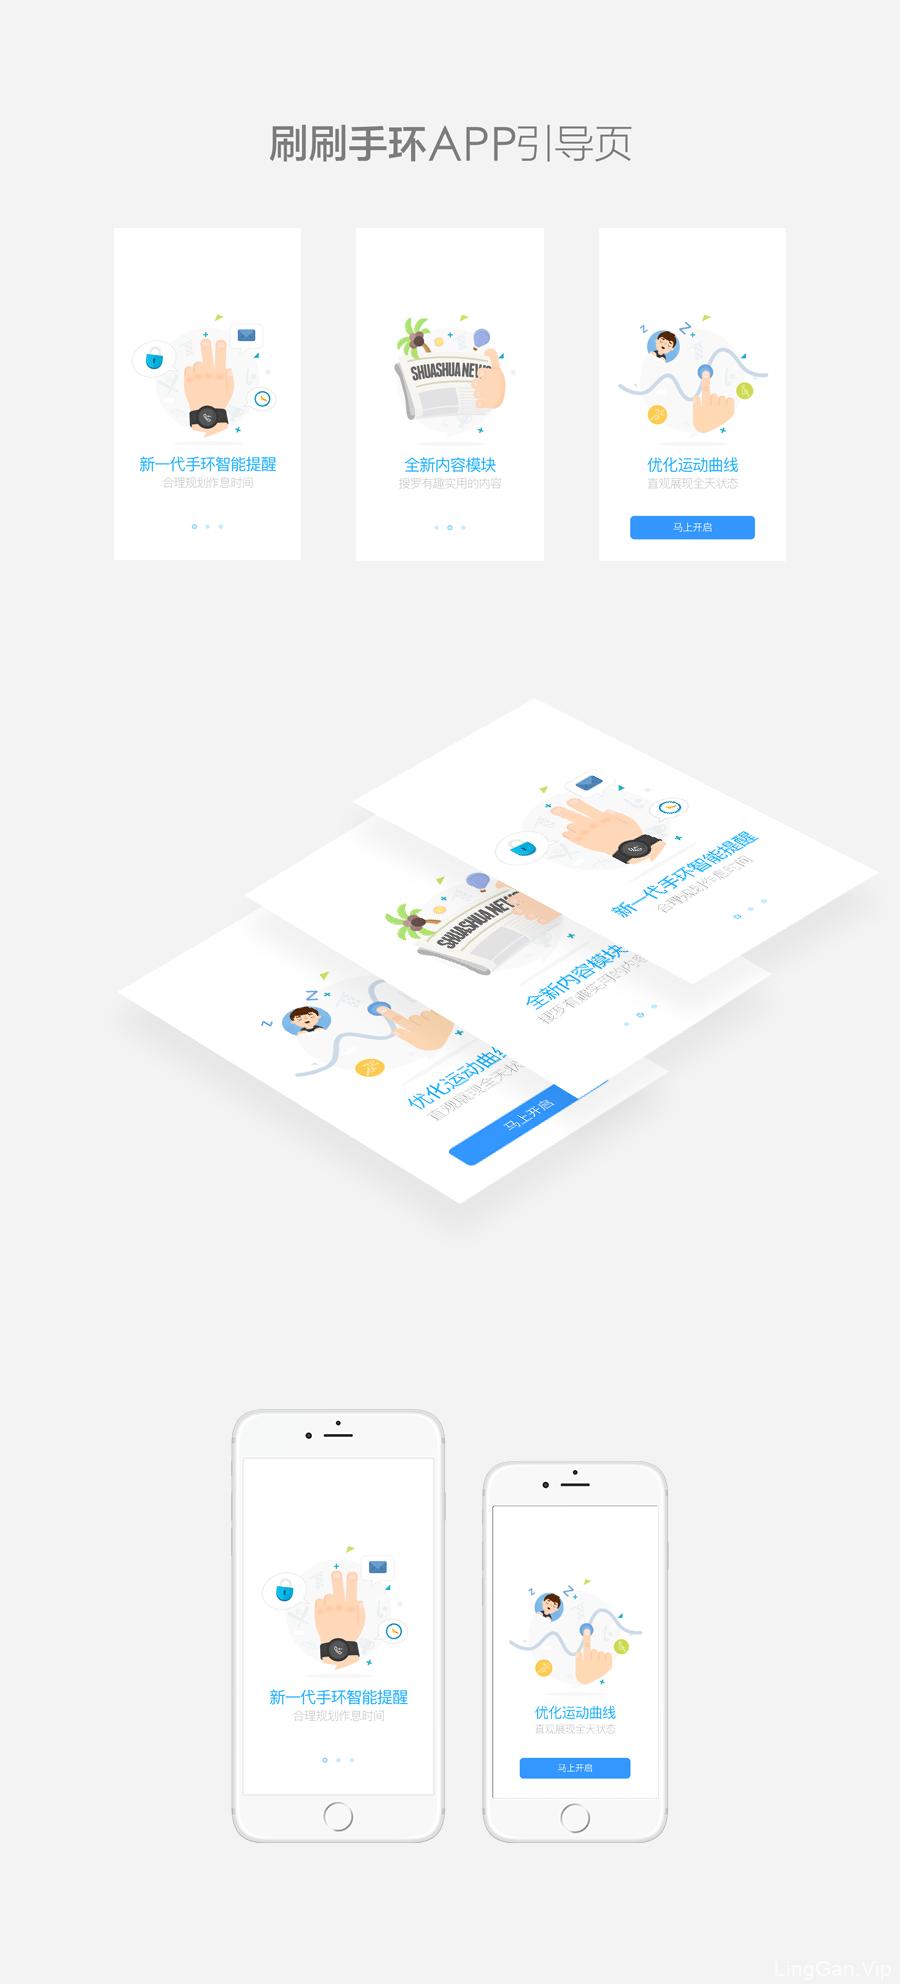 2016 April刷刷手环移动应用App引导页设计欣赏